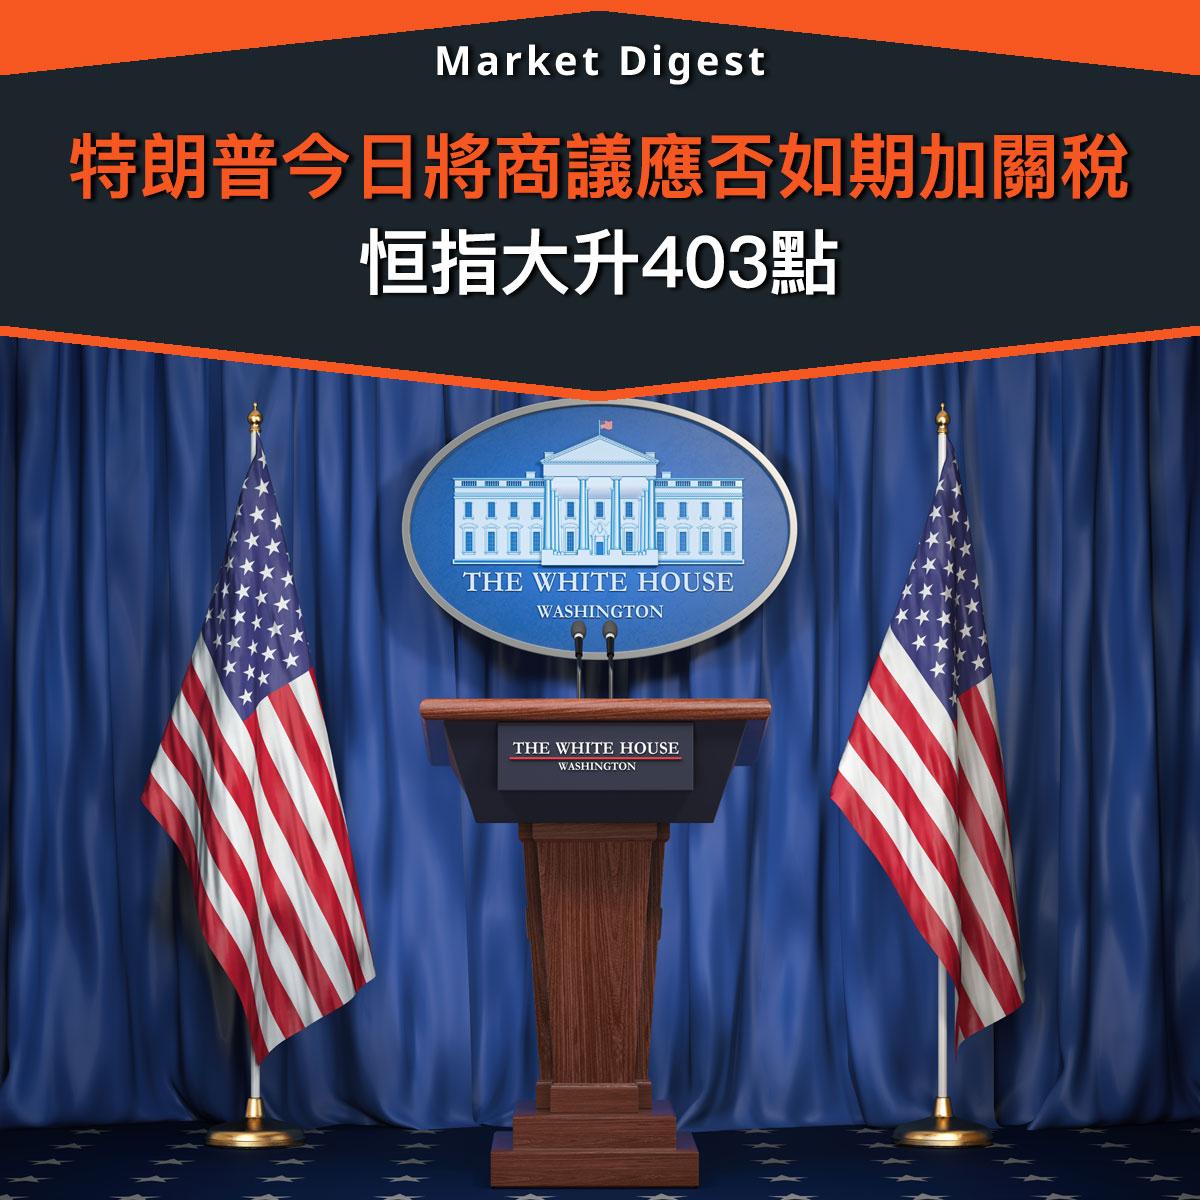 【中美貿易戰】特朗普今日將商議應否如期加關稅,恒指大升403點